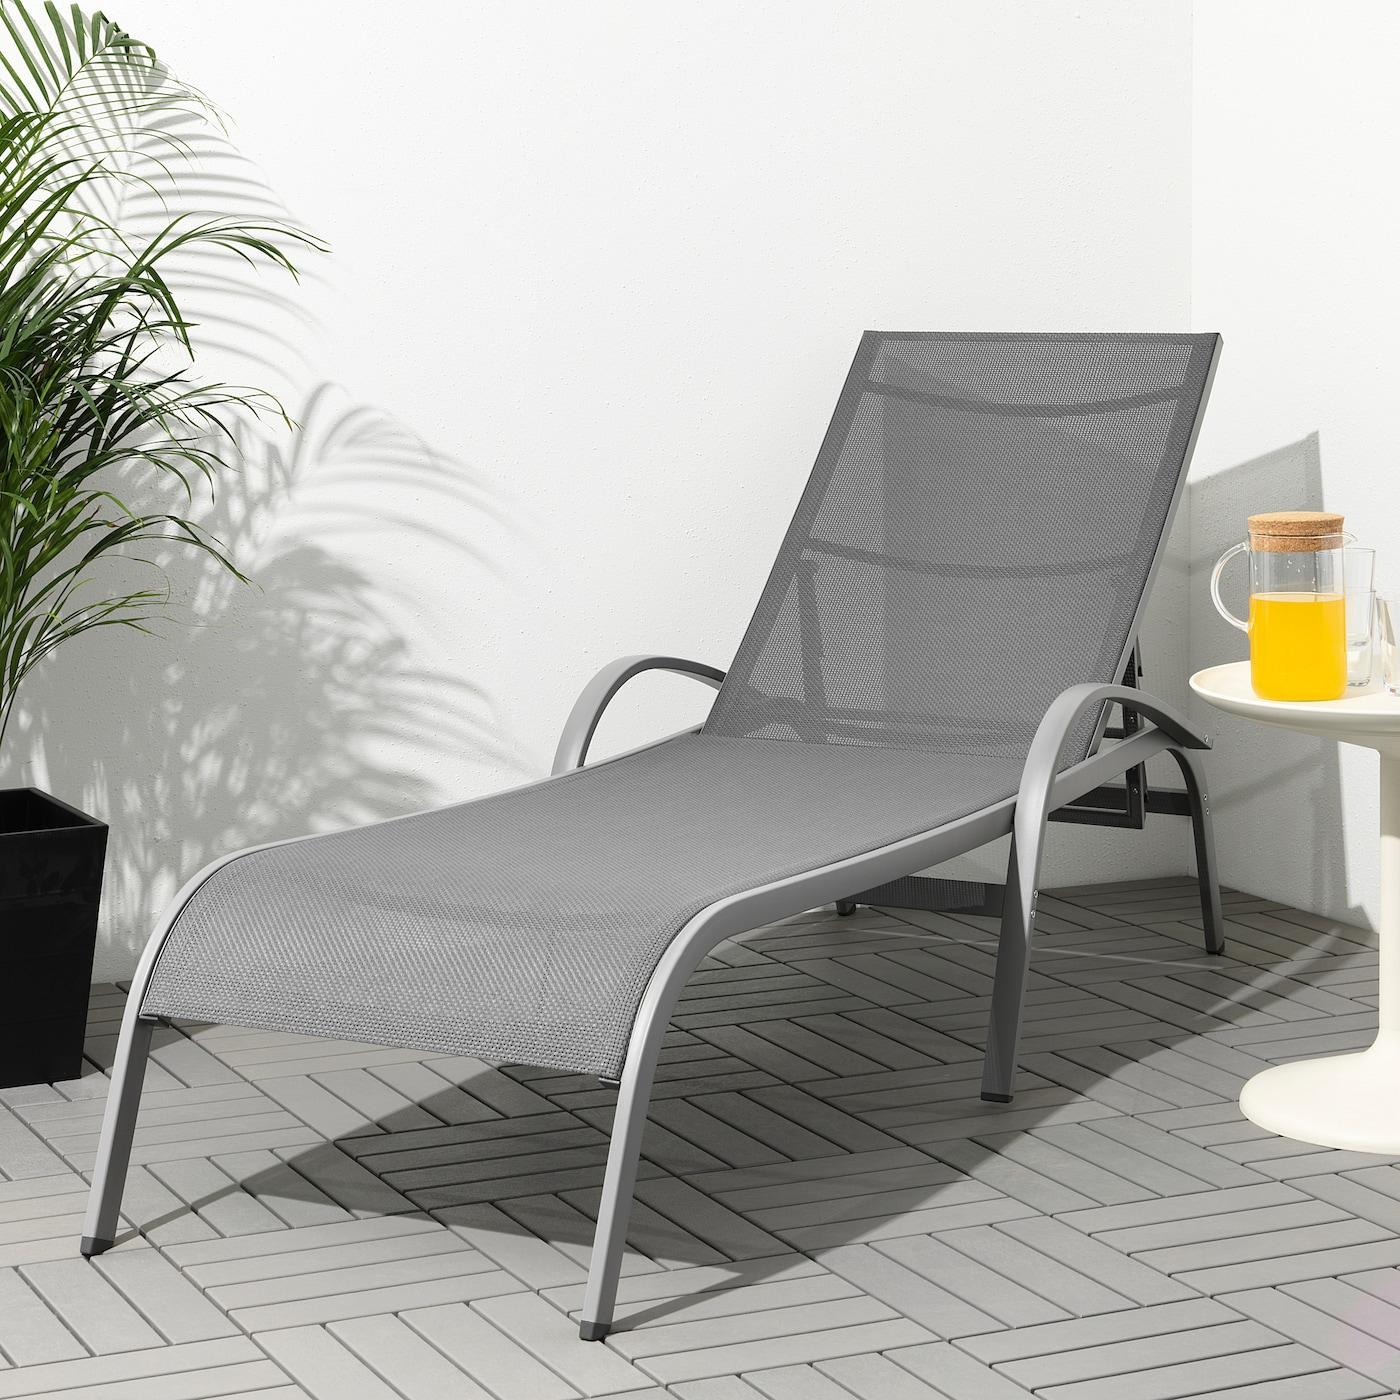 Solsenger, hengekøyer og strandstoler IKEA